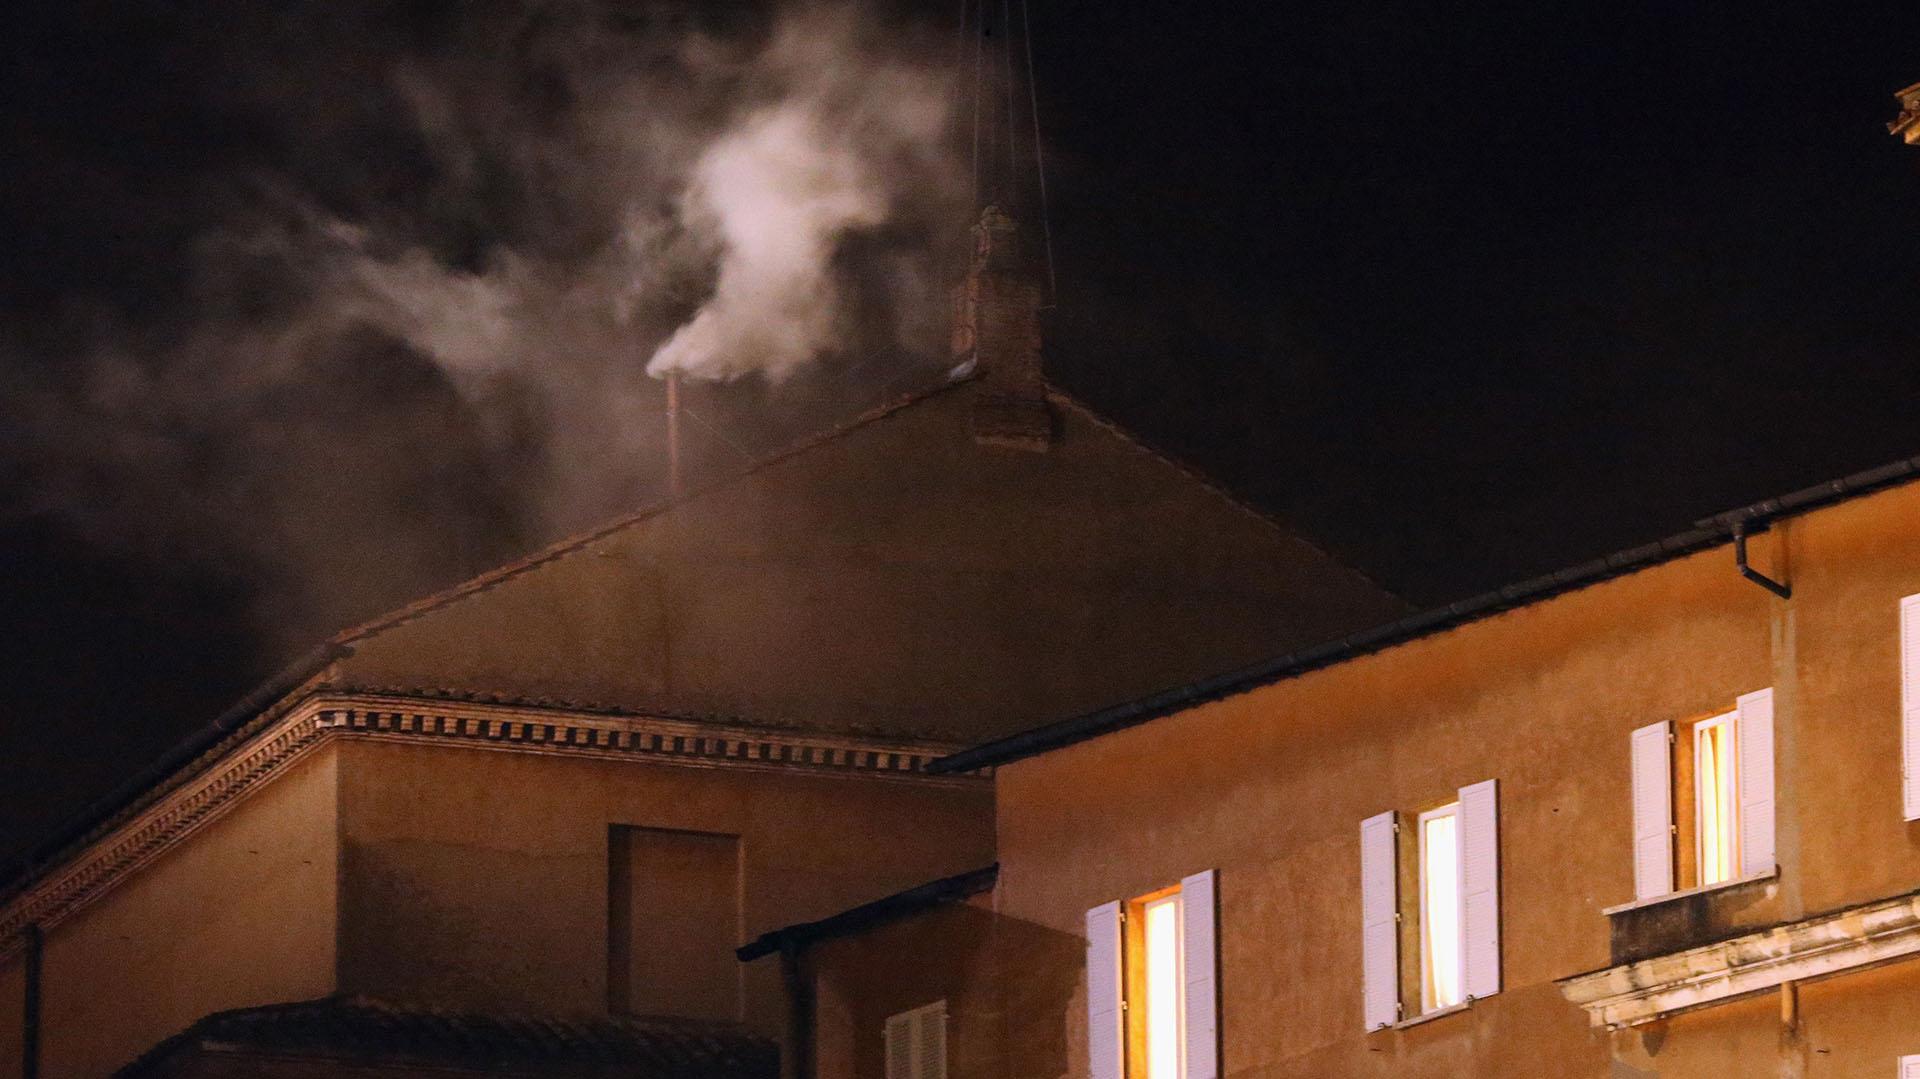 13 de marzo de 2013: el humo blanco que emerge de la chimenea de la Capilla Sixtina indica que el Colegio de Cardenales ha elegido al 266º papa, sucesor de Benedicto XVI